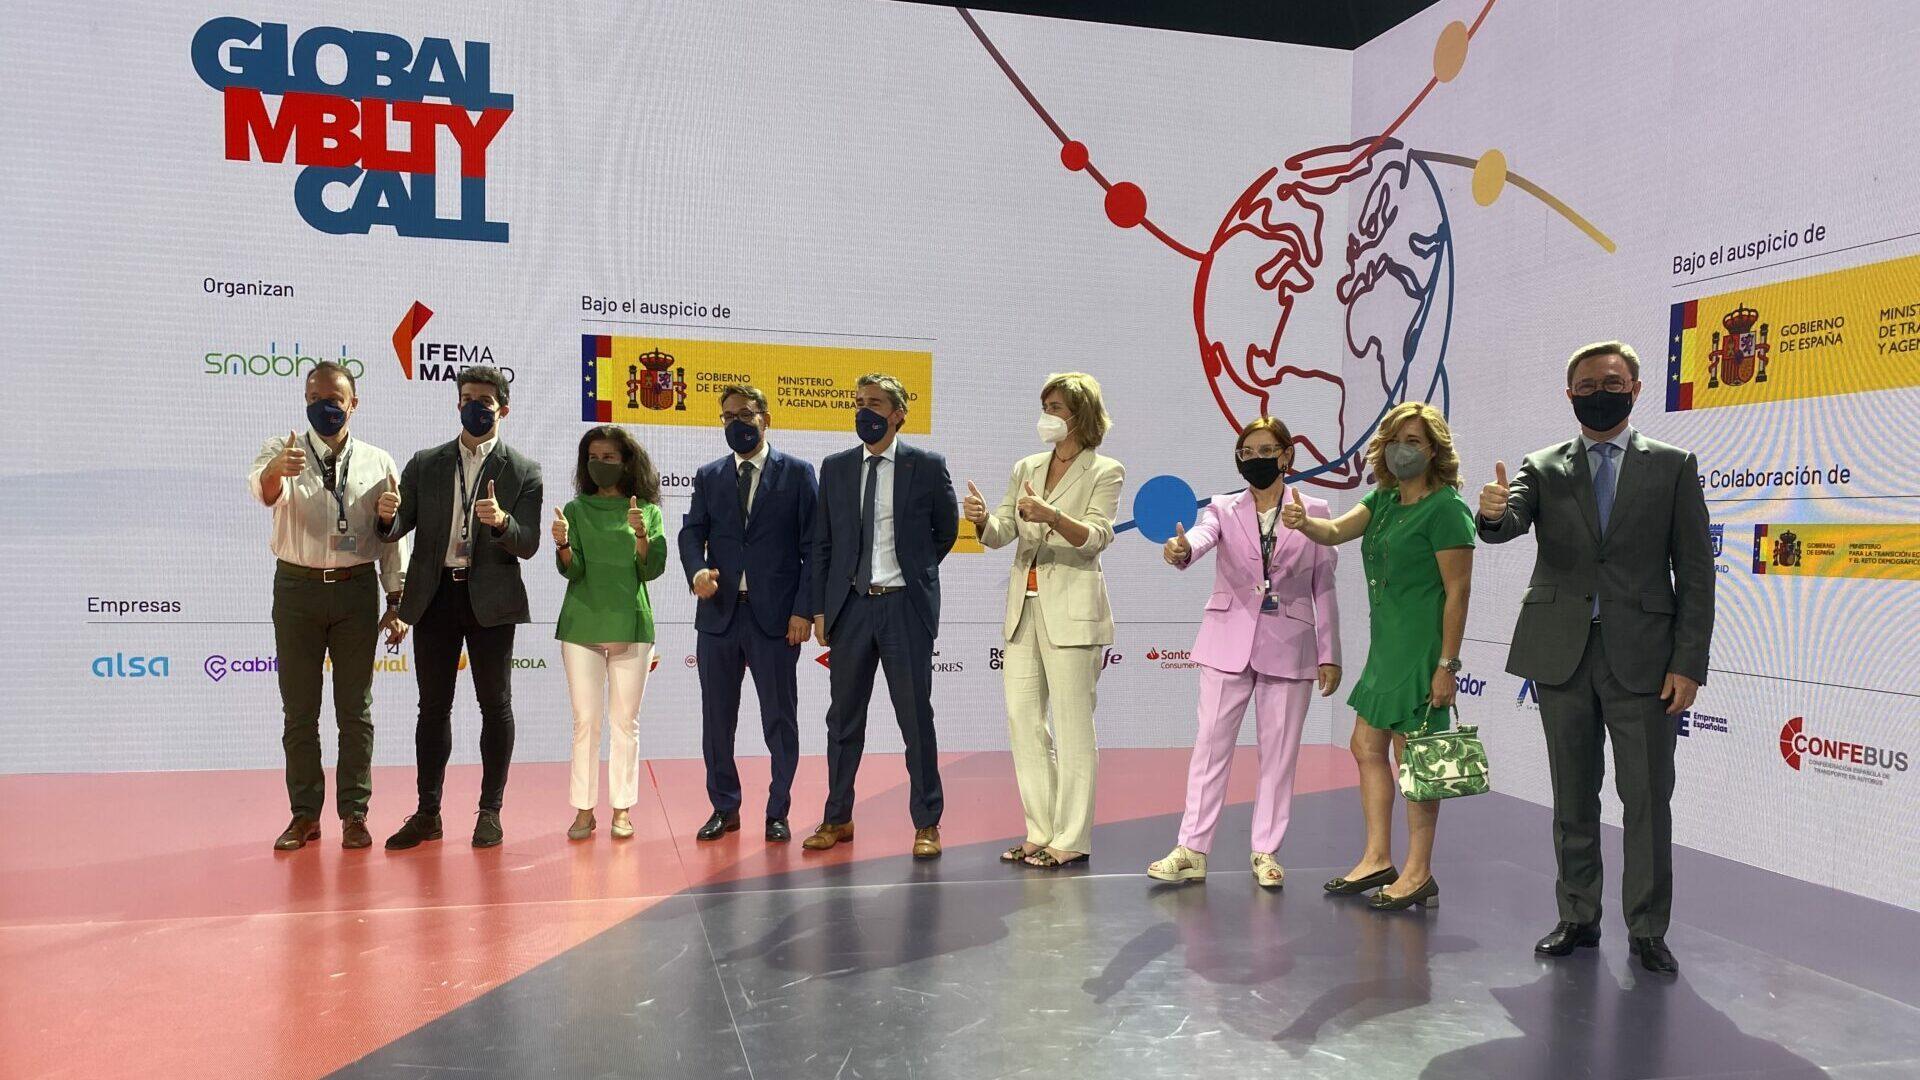 Nace Global Mobility Call, el proyecto con el que España pretende liderar la movilidad sostenible